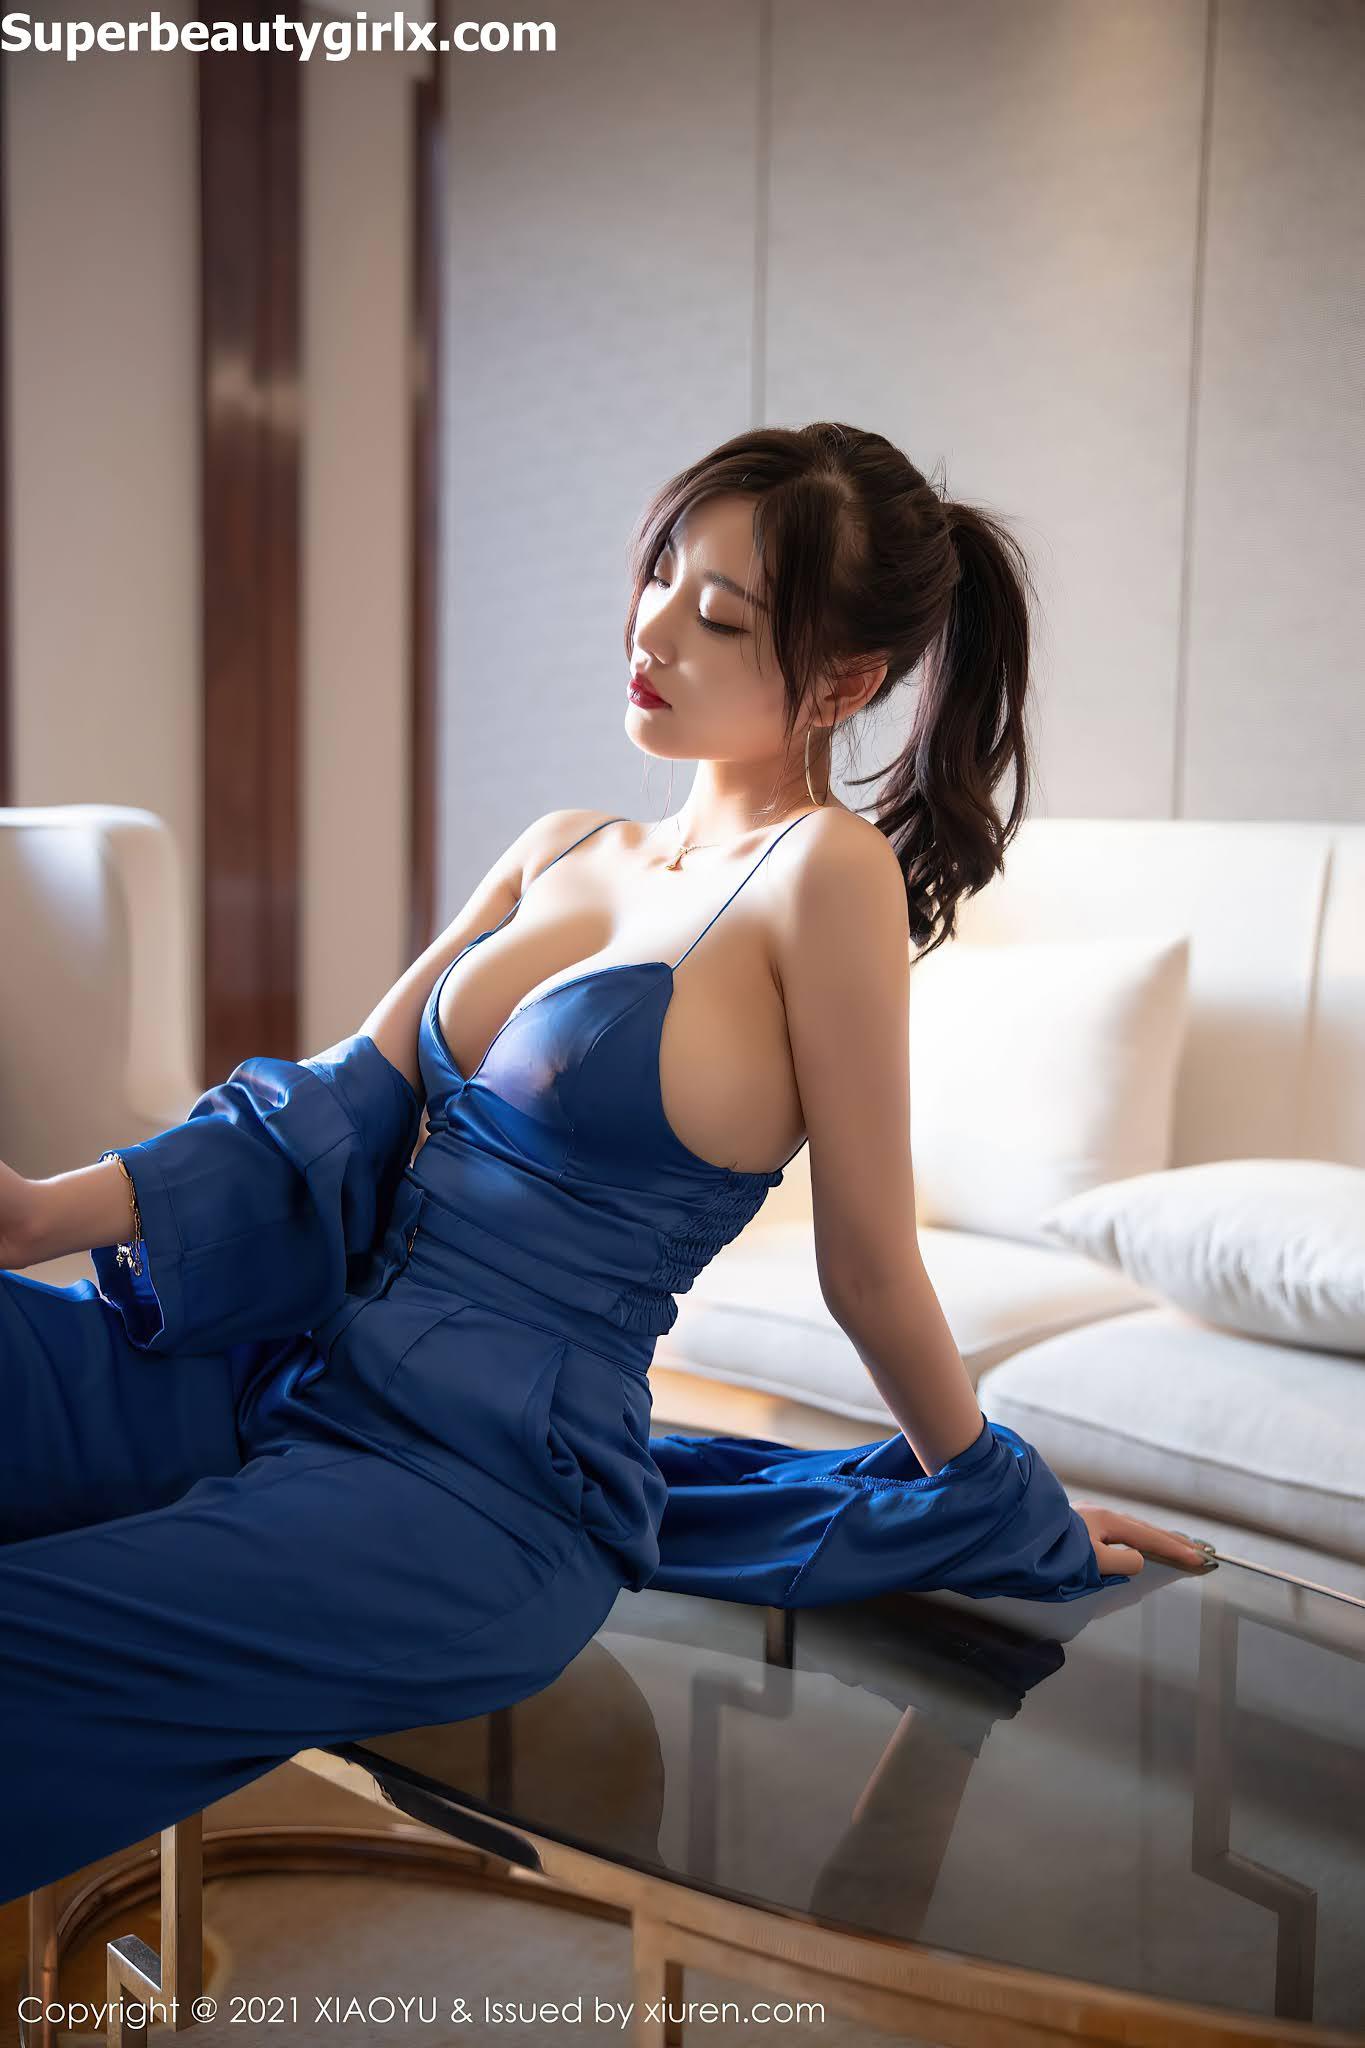 XiaoYu-Vol.467-Yang-Chen-Chen-sugar-Superbeautygirlx.com